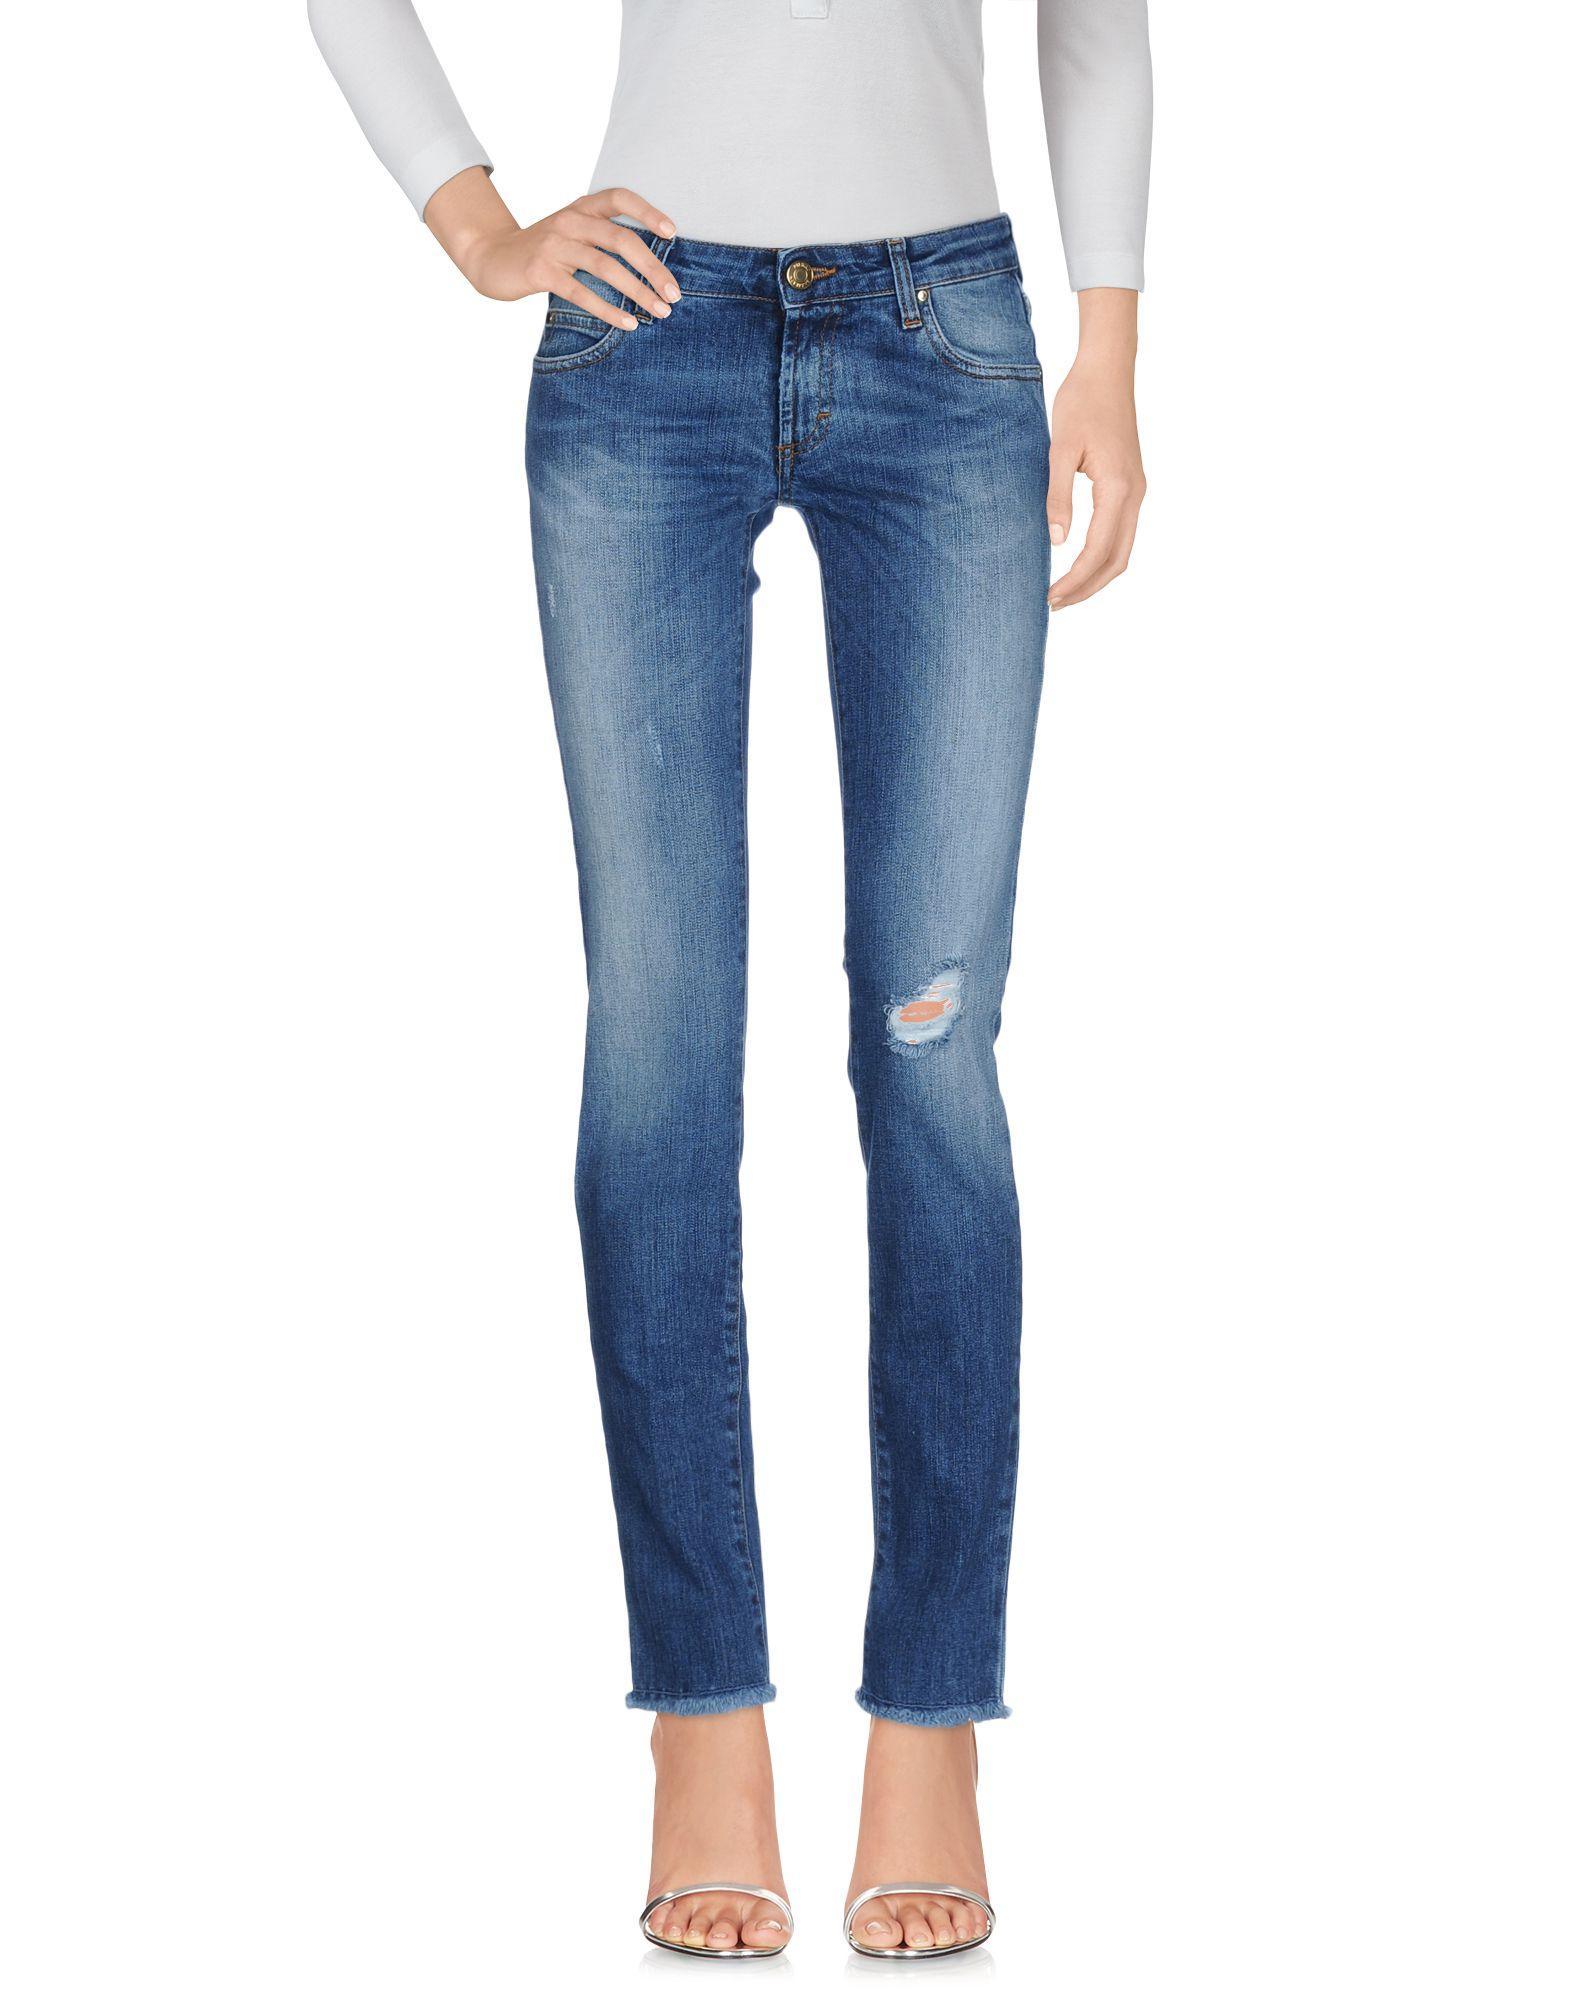 Pierre Balmain Jeans In Blue